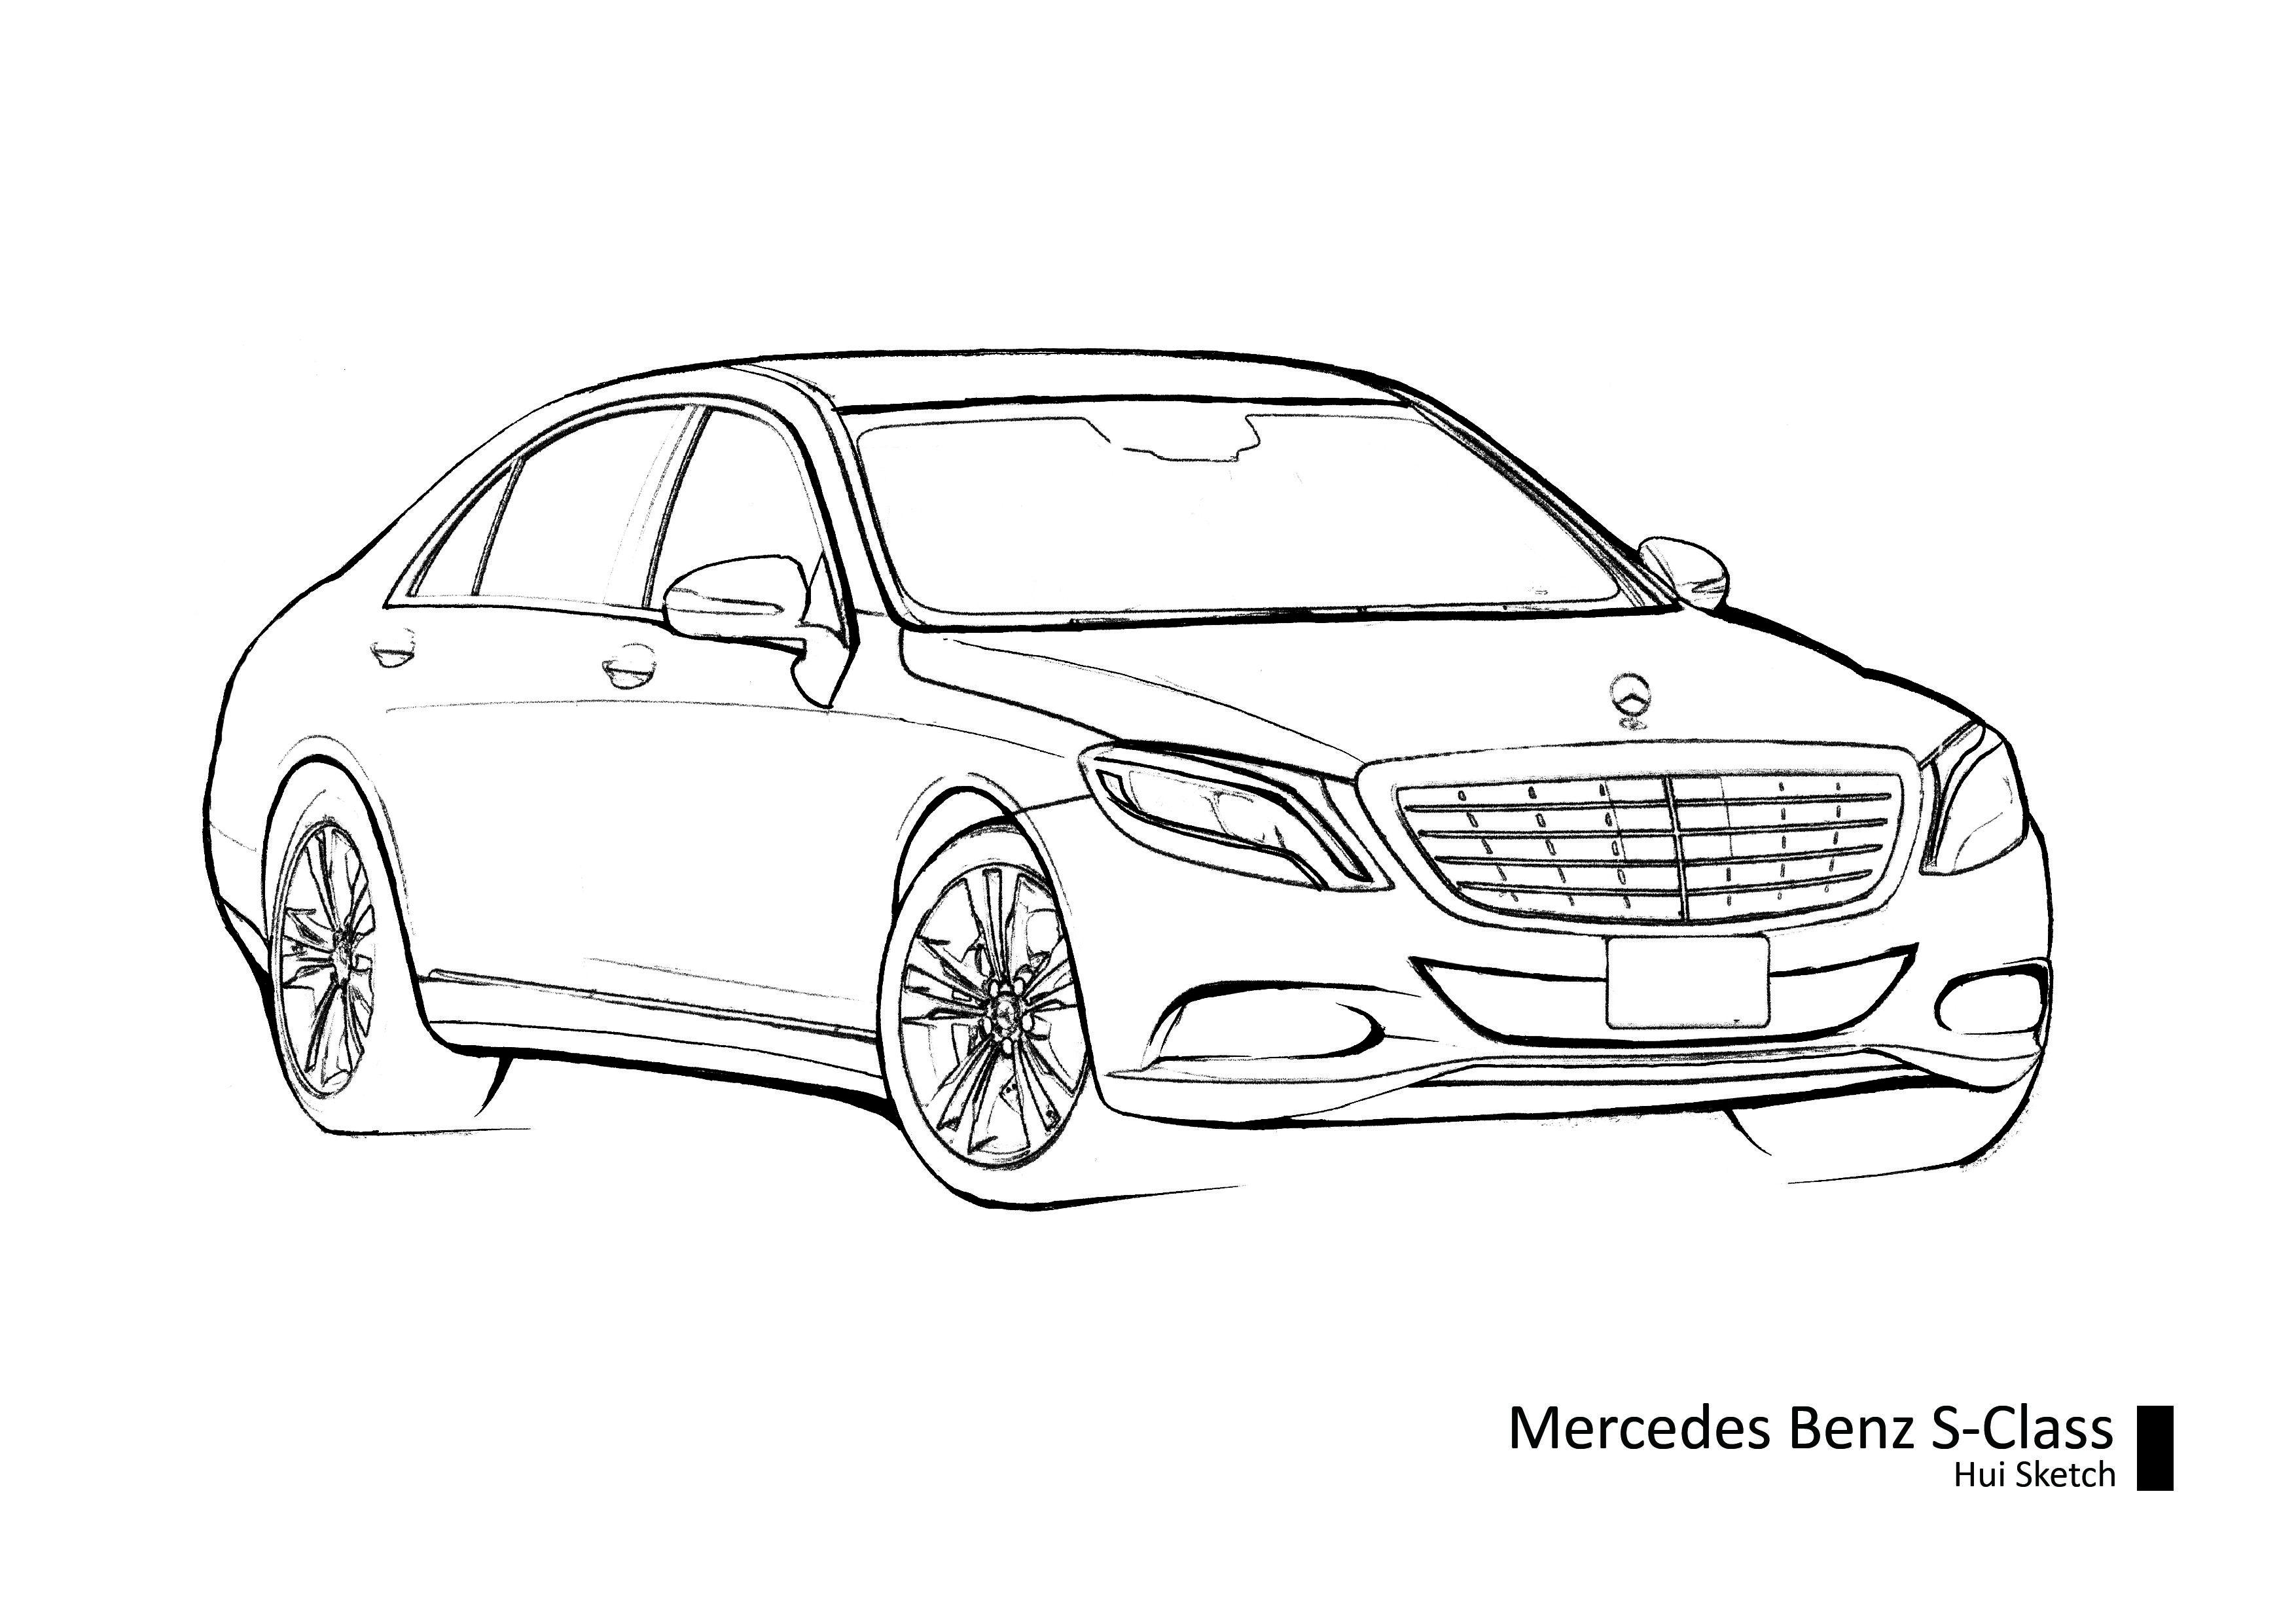 Comment Monter Un Lit Cars meceders benz s class sketchyehui (met afbeeldingen